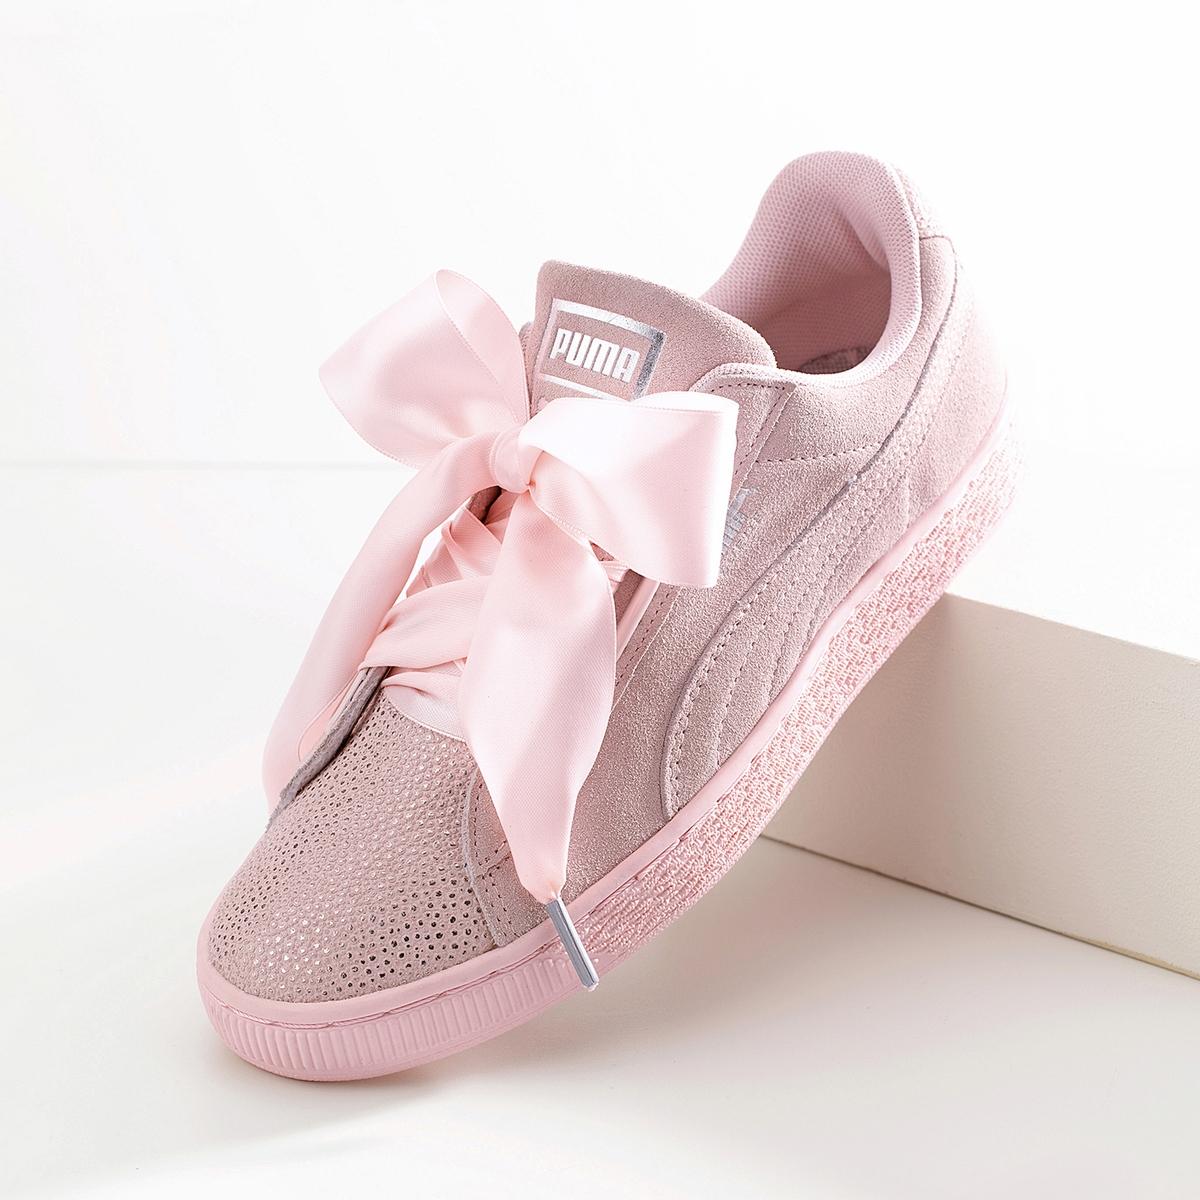 Imagen principal de producto de Zapatillas W Suede Heart Bubble - Puma